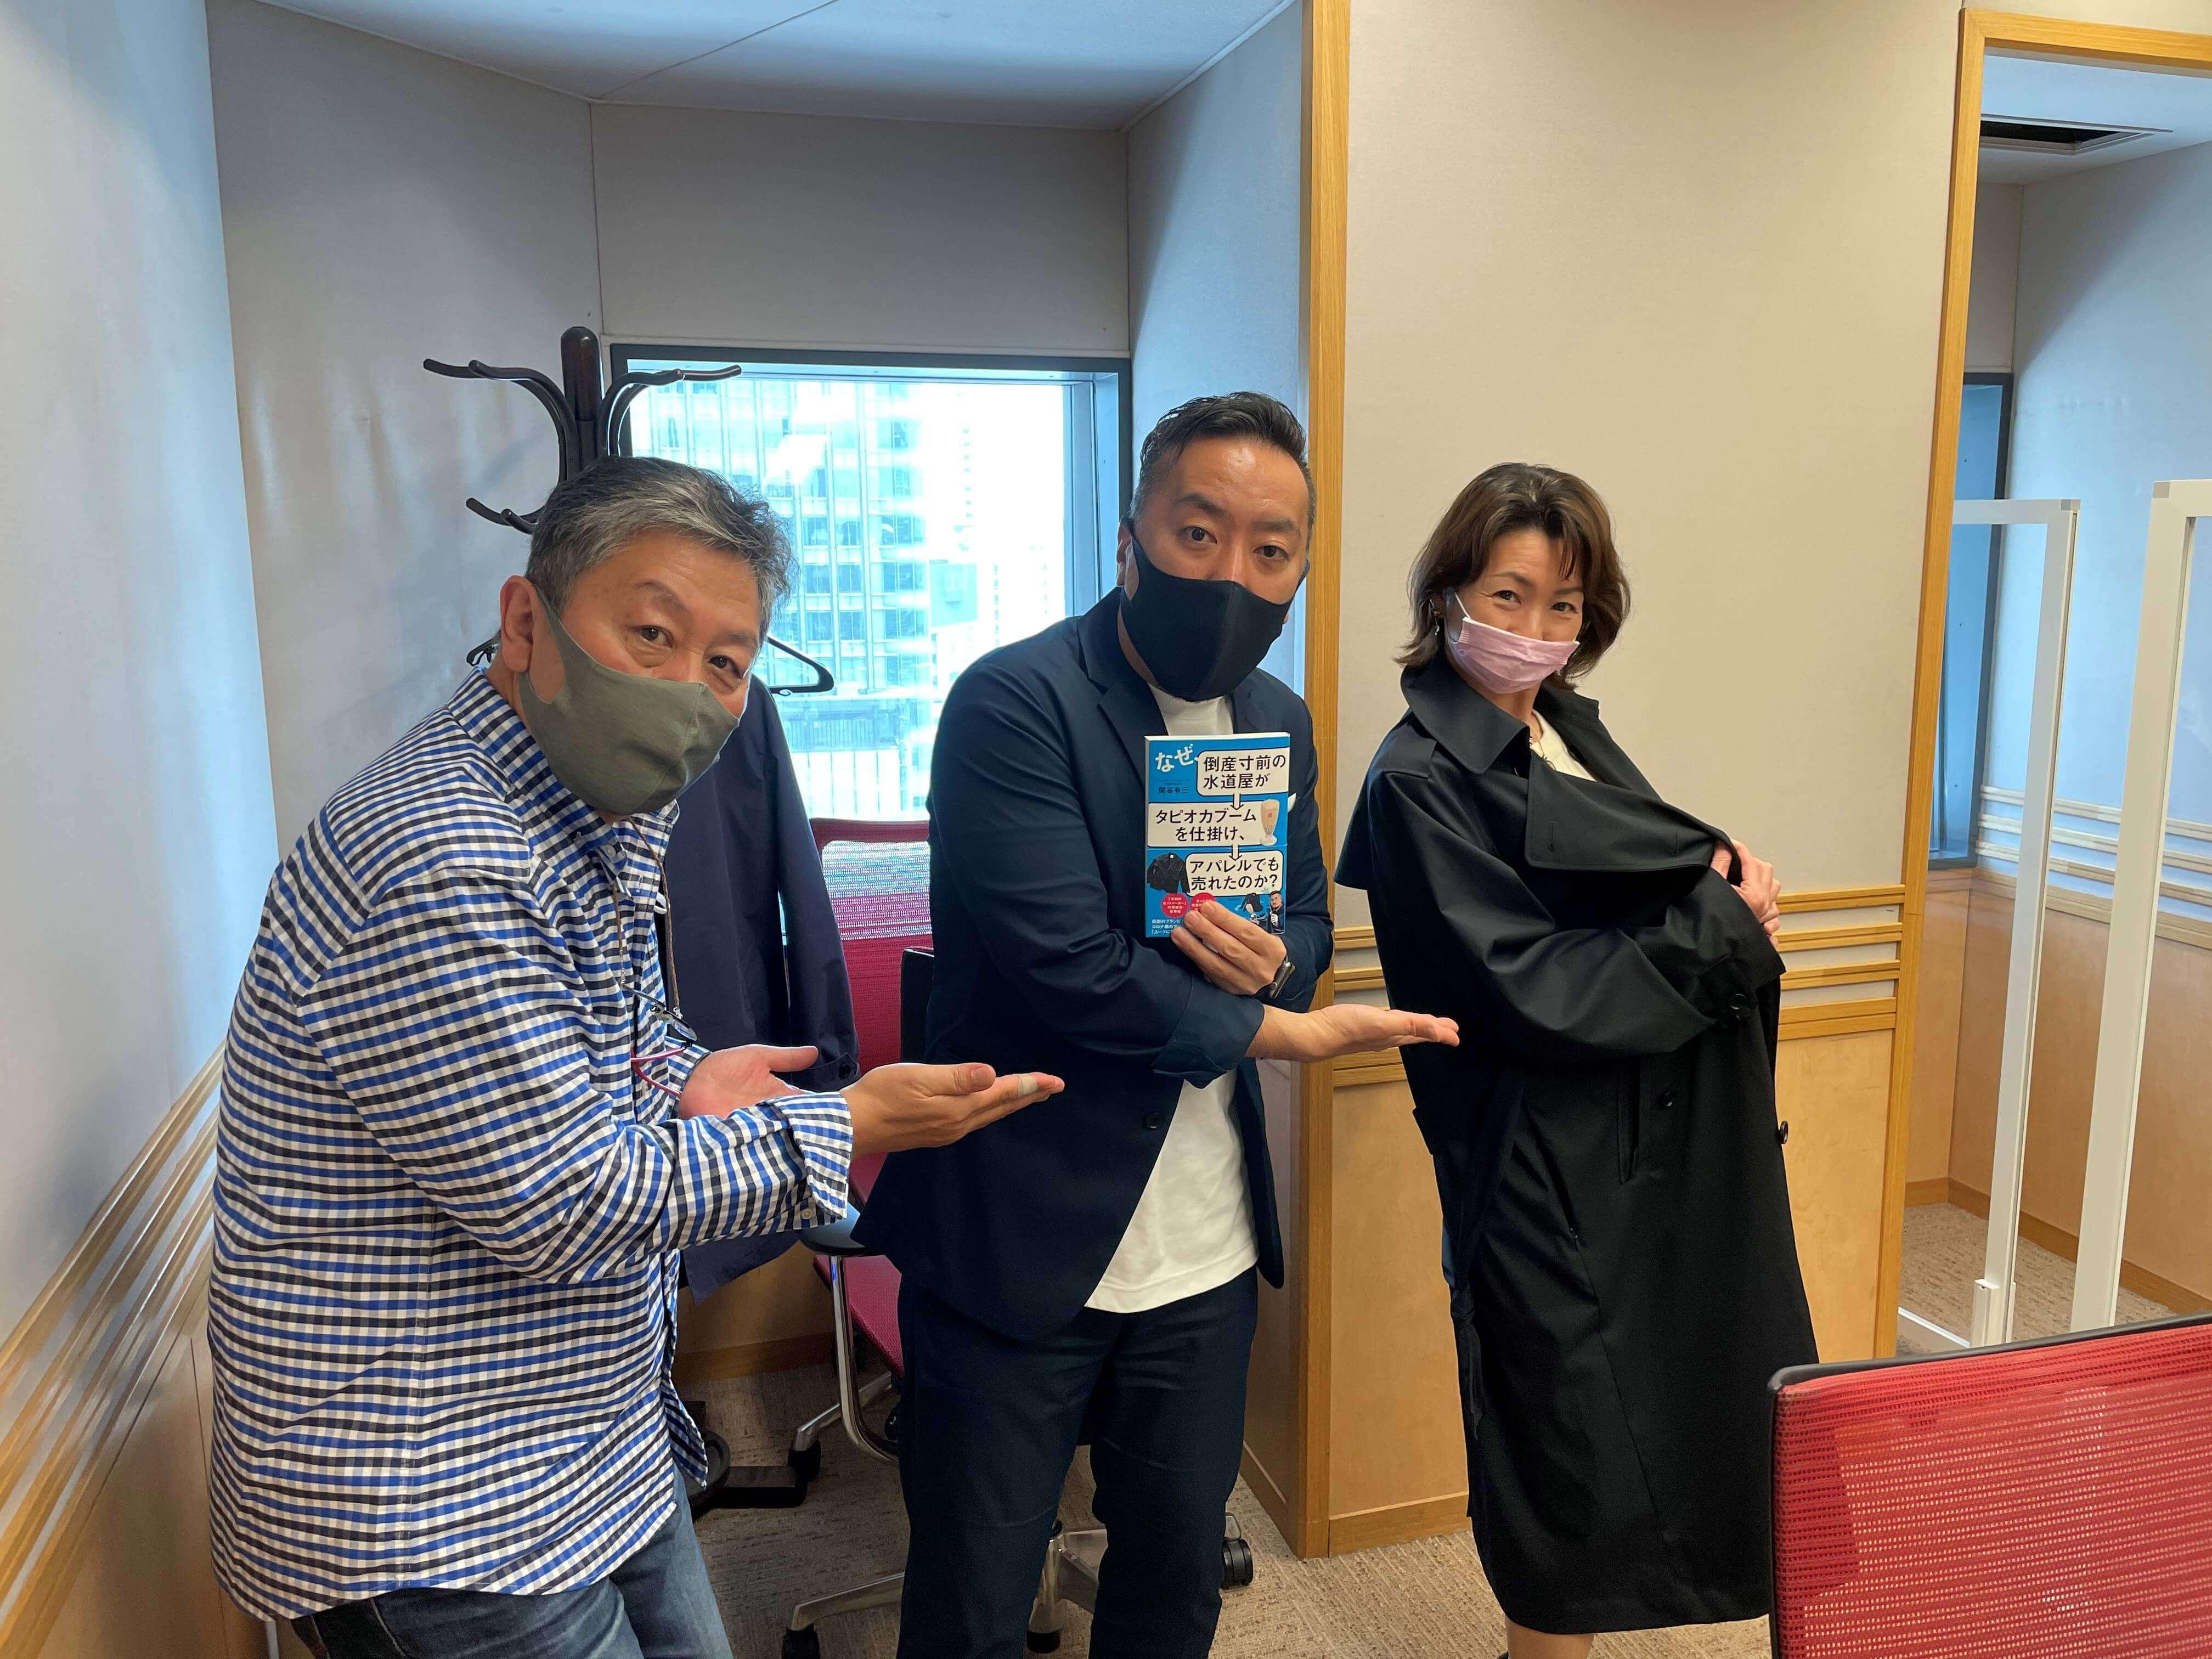 『くにまるジャパン極・極シアター』4月9日(金)のお客様:タピオカブームの仕掛け人・関谷有三さん